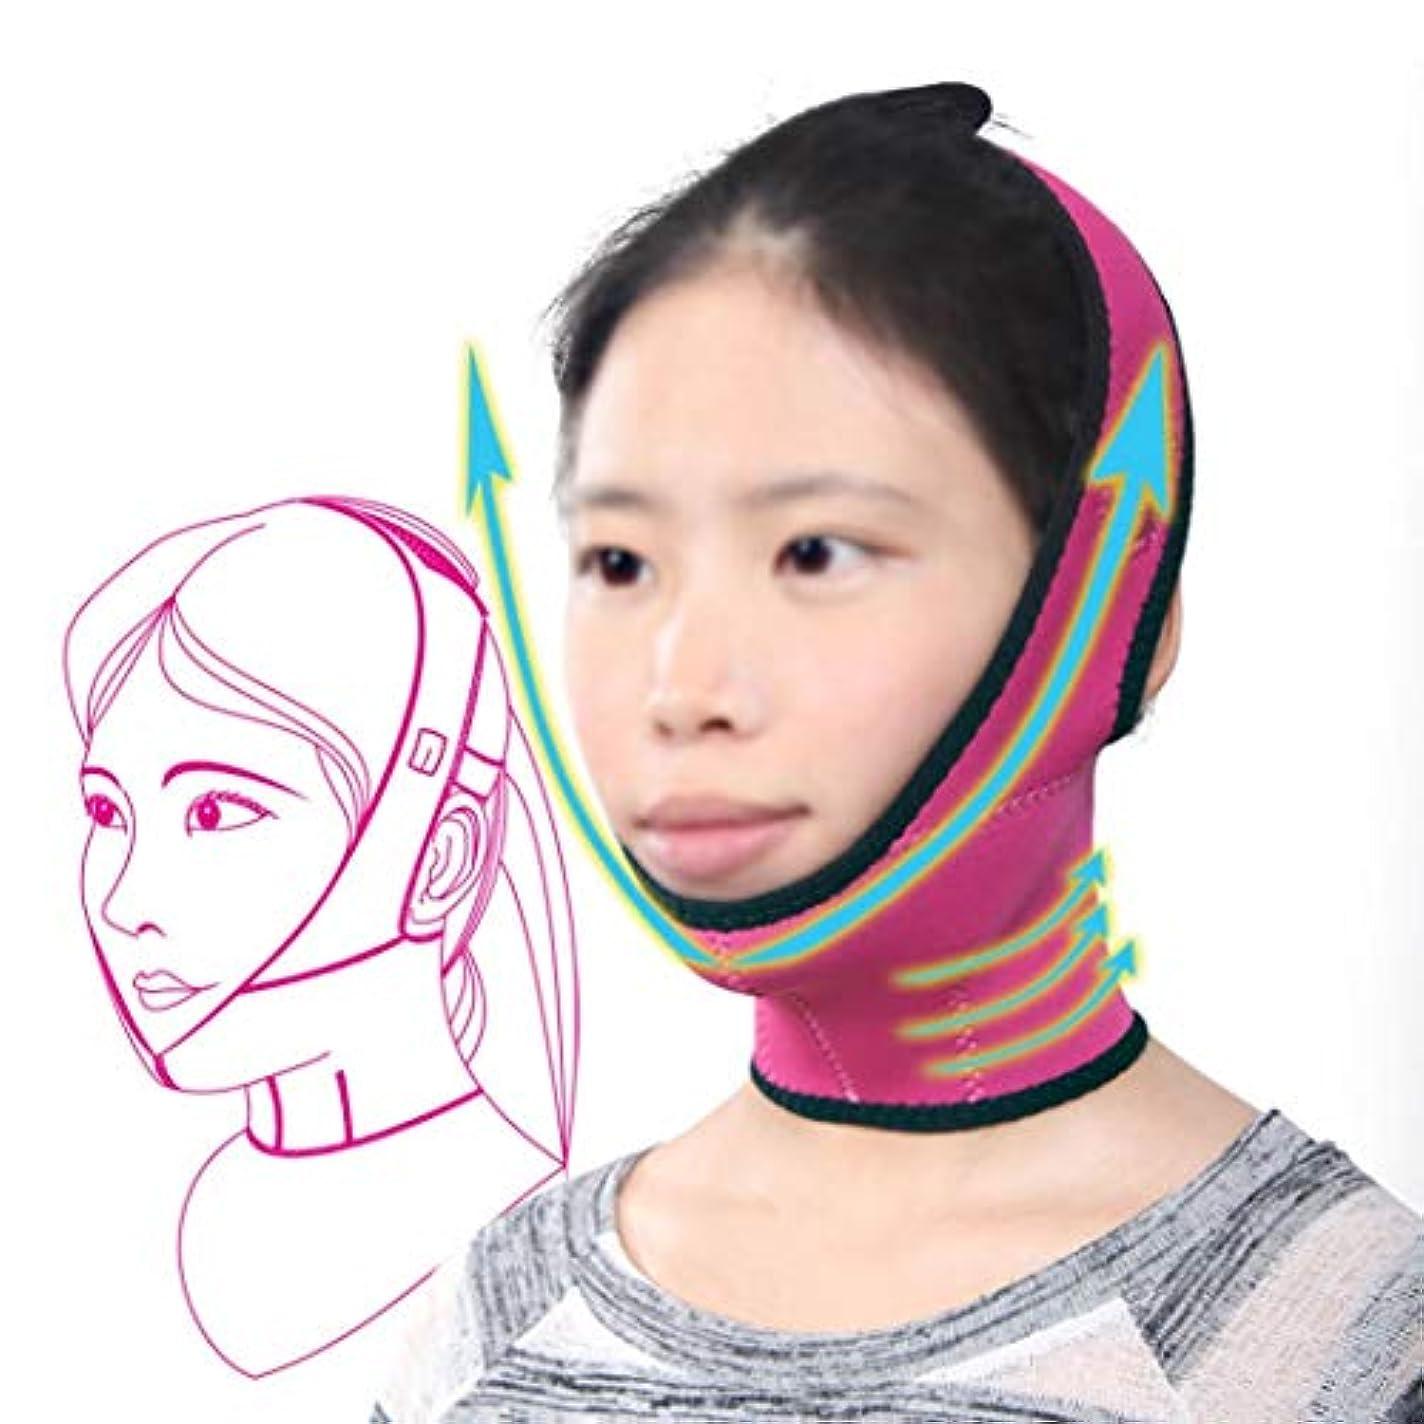 ガイダンス生む性別GLJJQMY 薄い顔マスク痩身ベルトマスク強力な持ち上がる小さなV顔薄い顔包帯美容顔薄い顔薄い顔マスク 顔用整形マスク